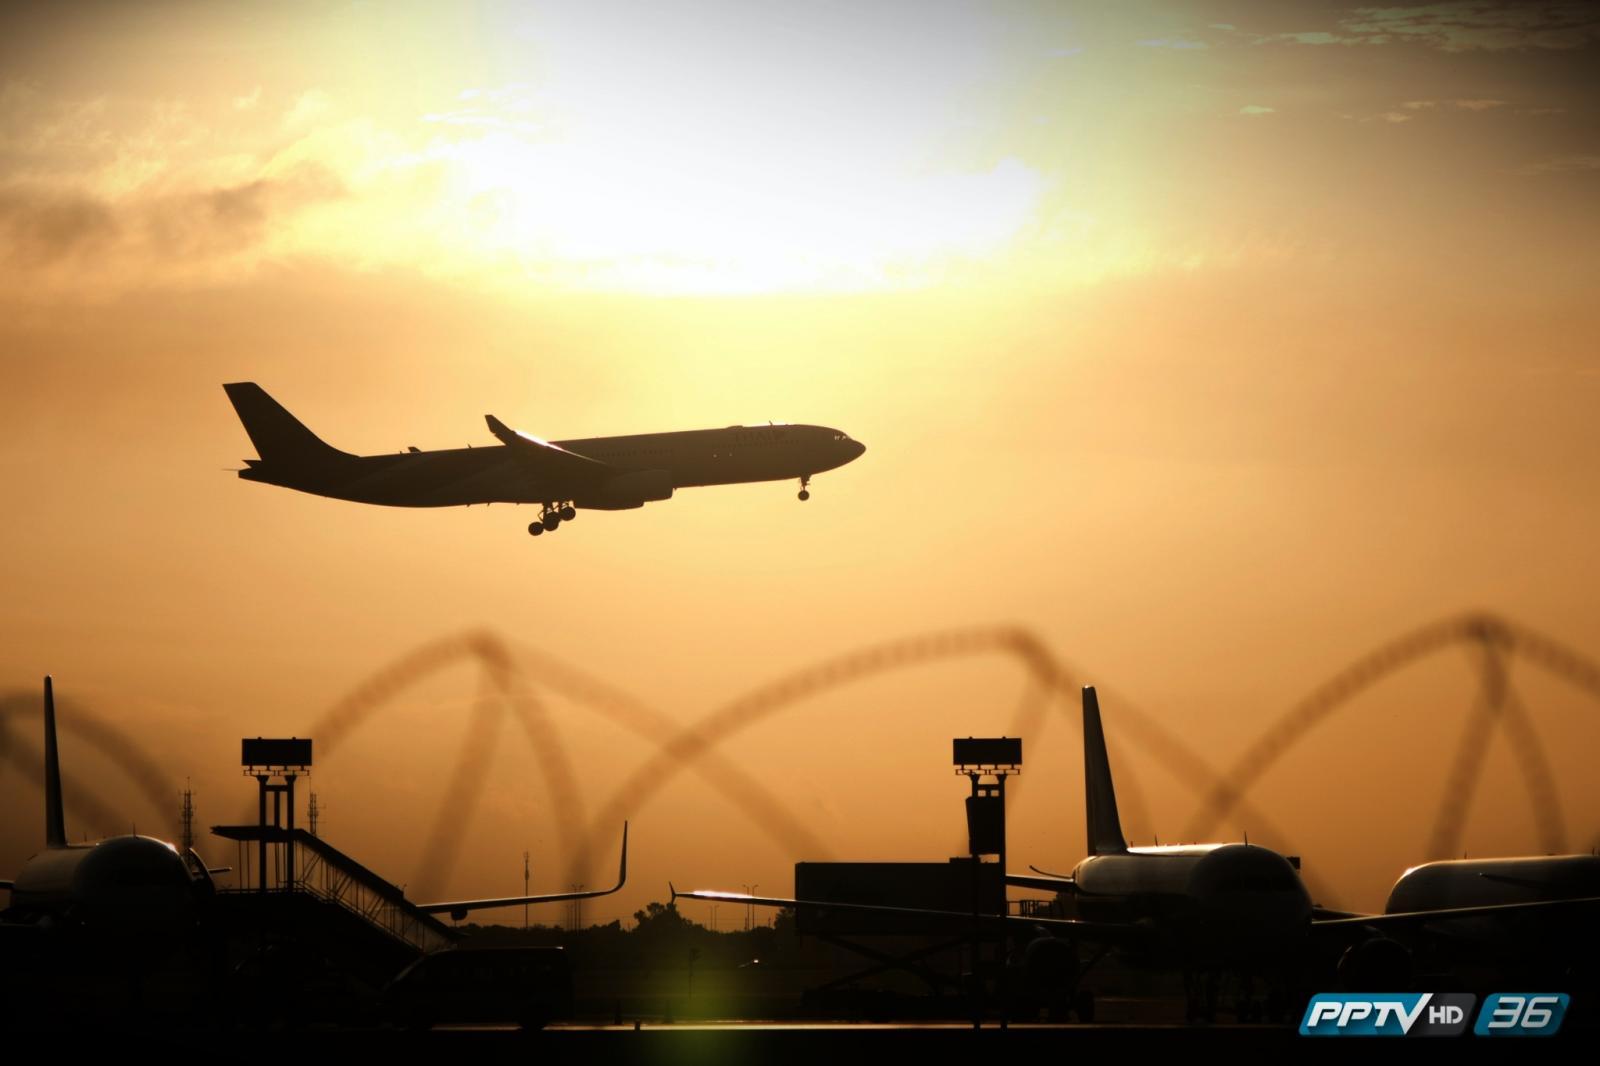 """จับตาปัญหา """"นักบินขาดแคลน"""" วิกฤตธุรกิจการบิน"""